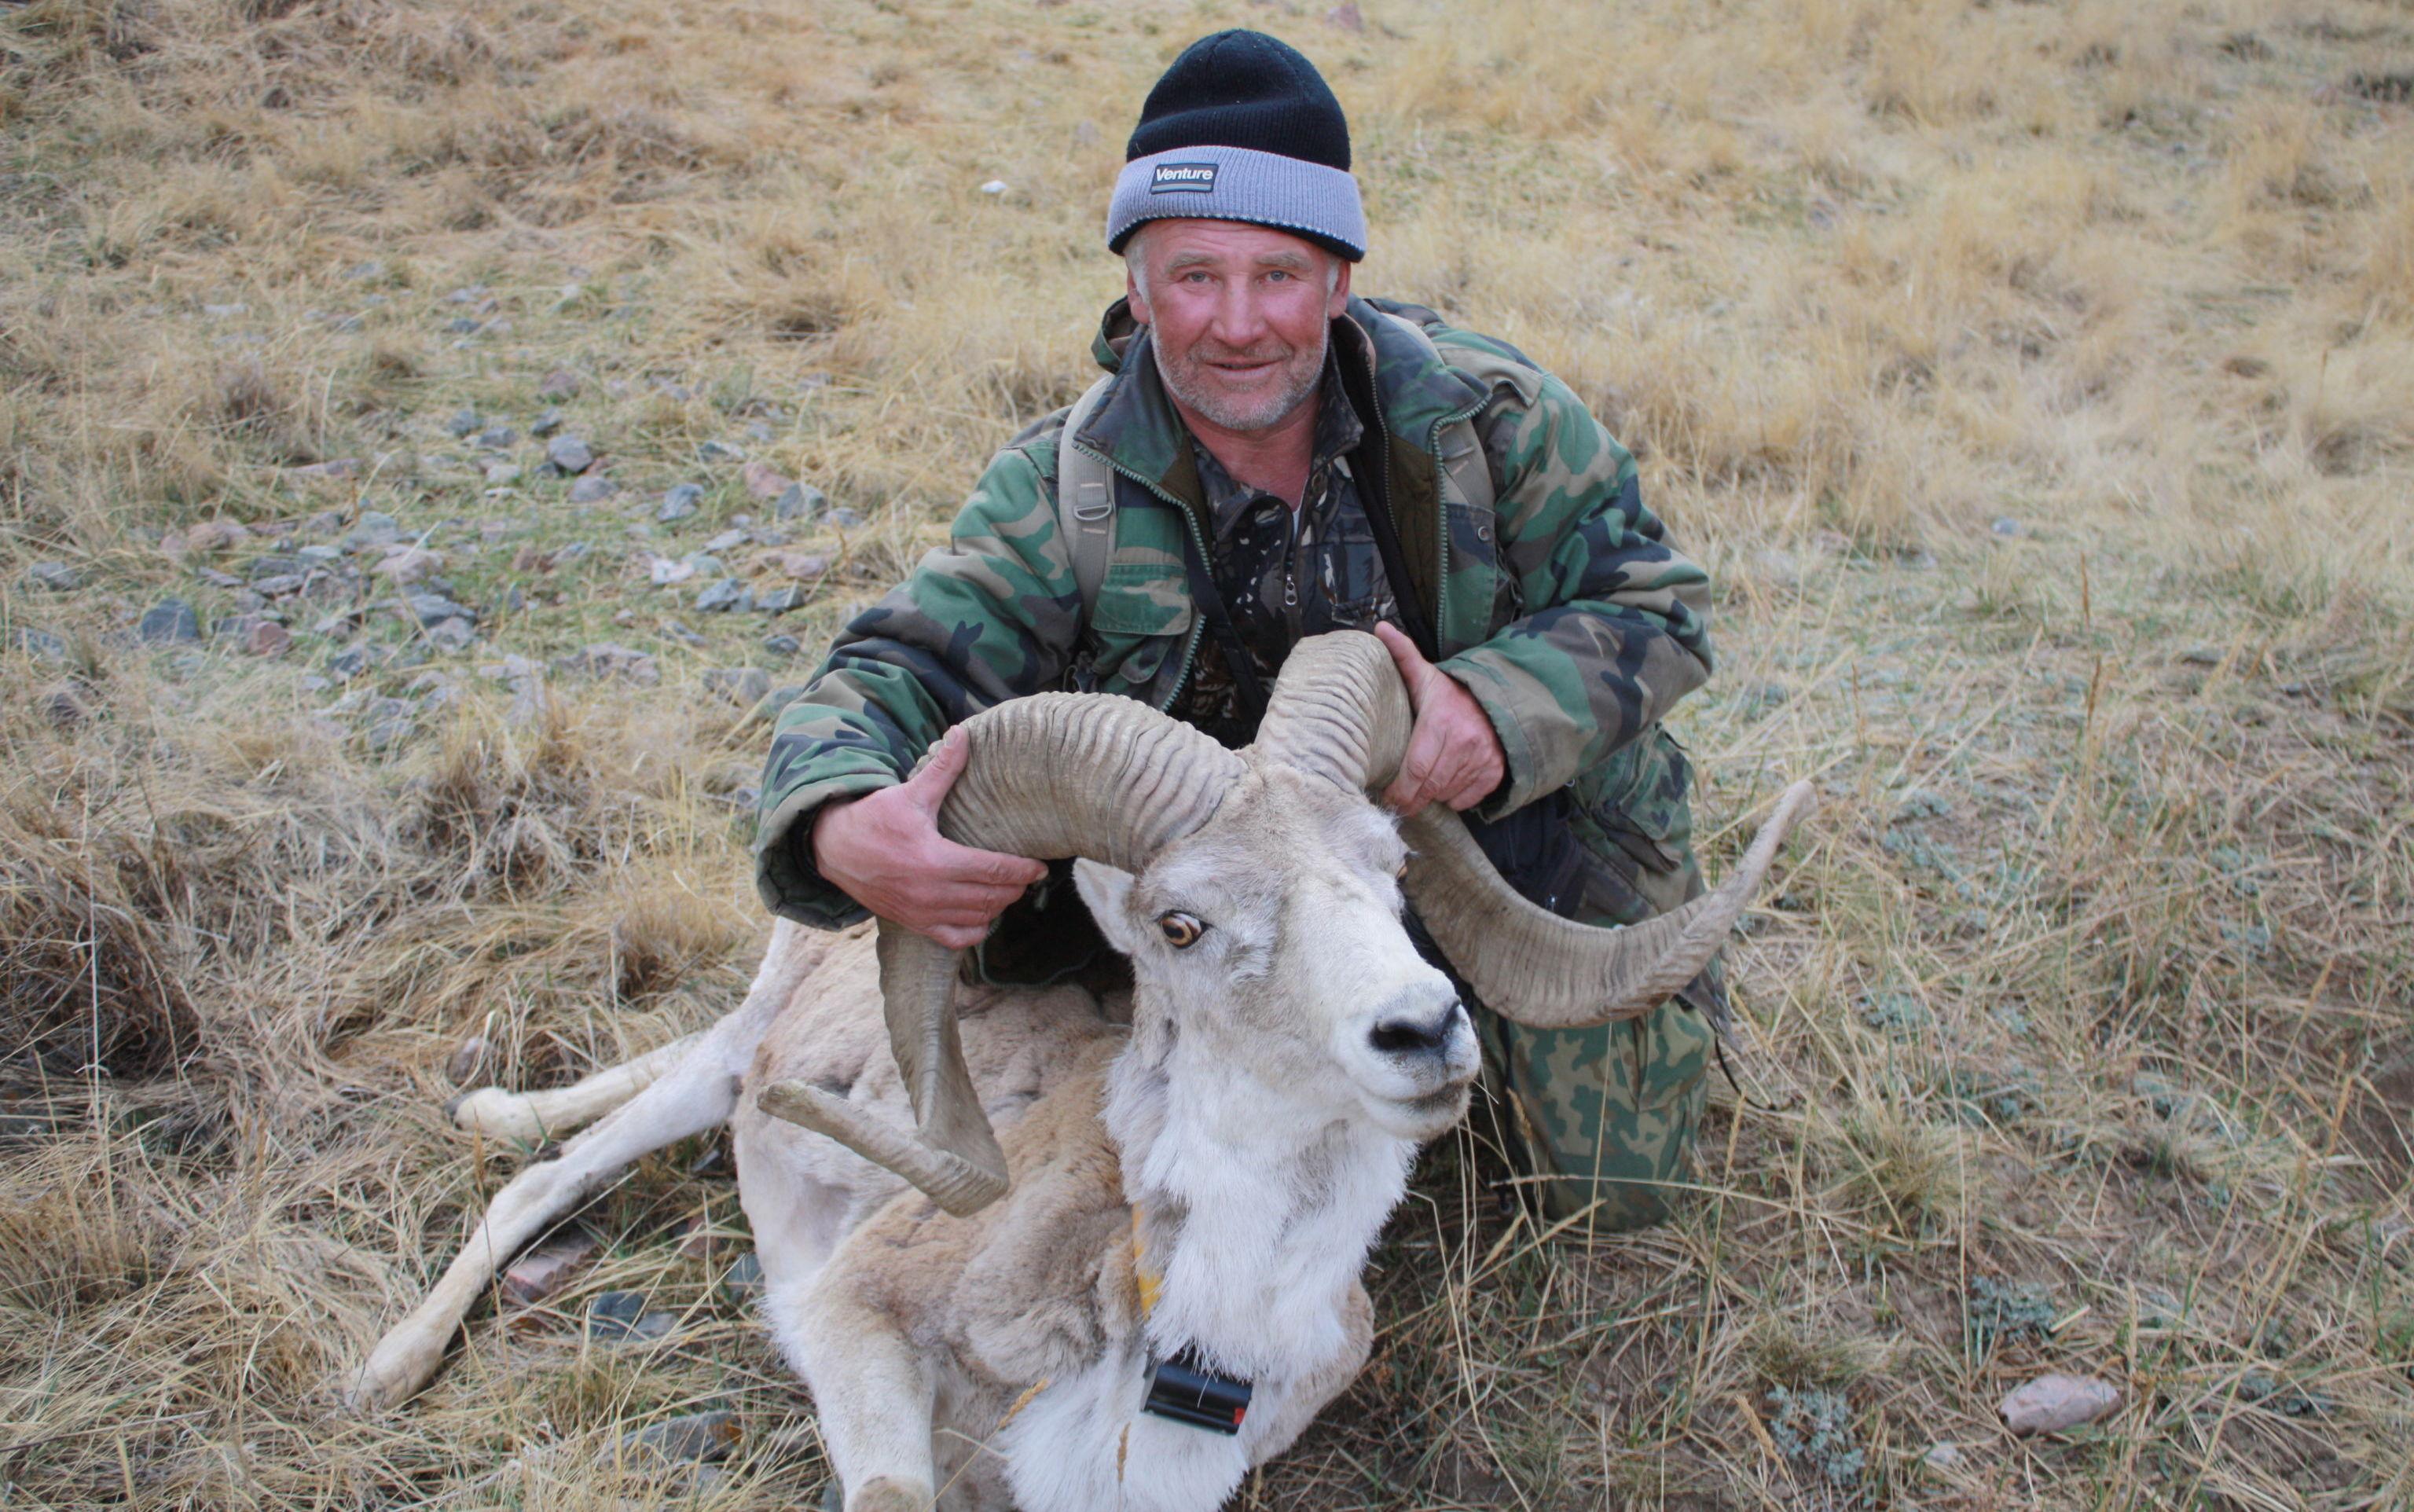 Ведущий специалист по млекопитающим Иссык-Кульского биосферного заповедника Александр Верещагин